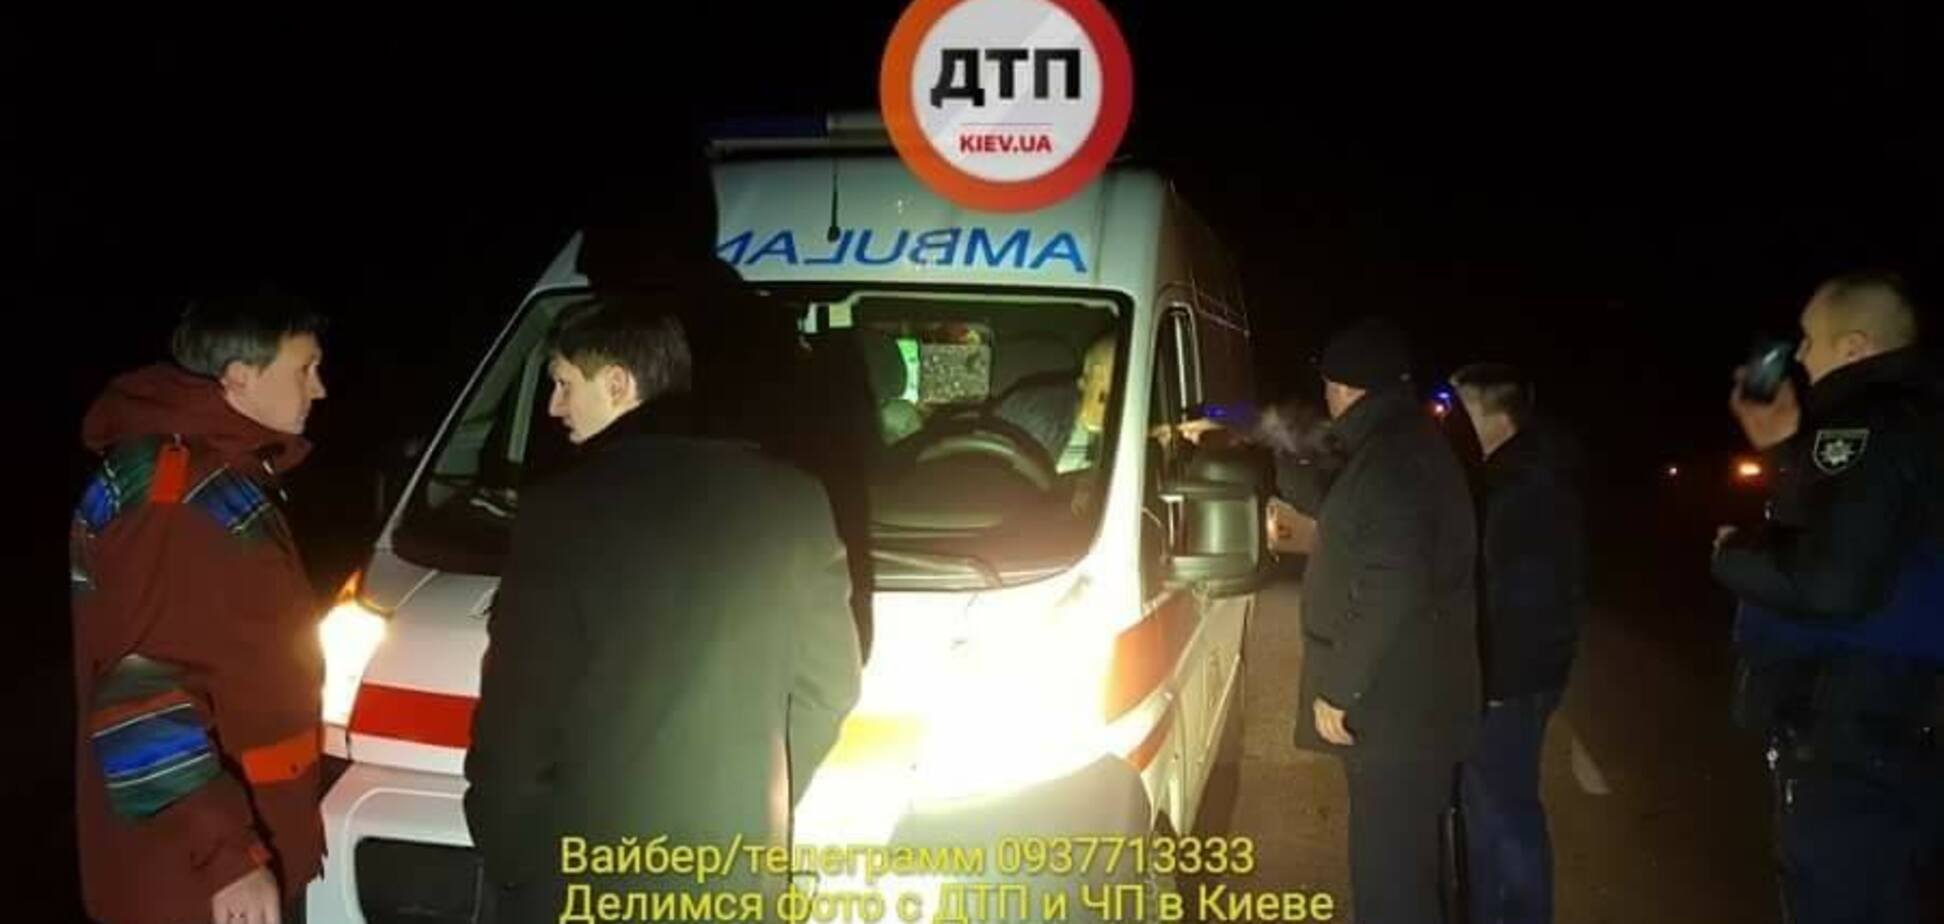 В Киеве пьяный судья устроил серьезное ДТП и пытался сбежать: все подробности, фото и видео